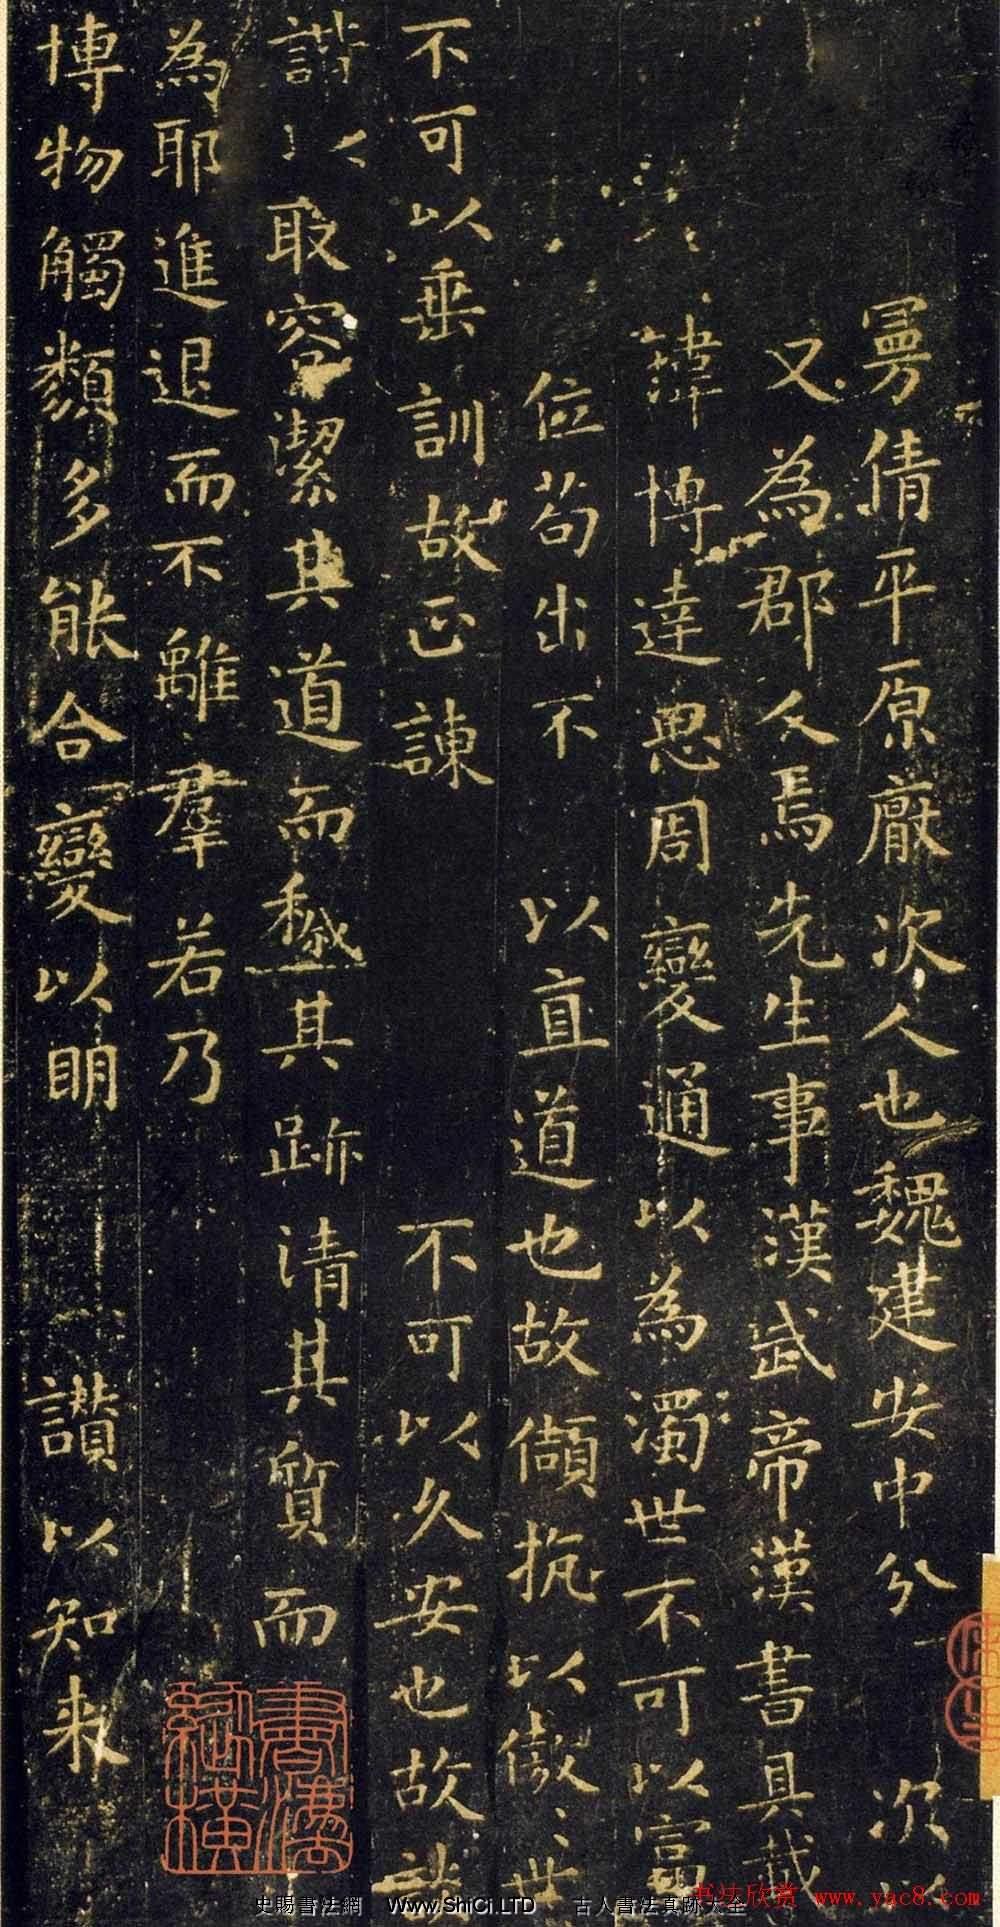 王羲之小楷真跡欣賞《東方曼倩祠頌》(共4張圖片)